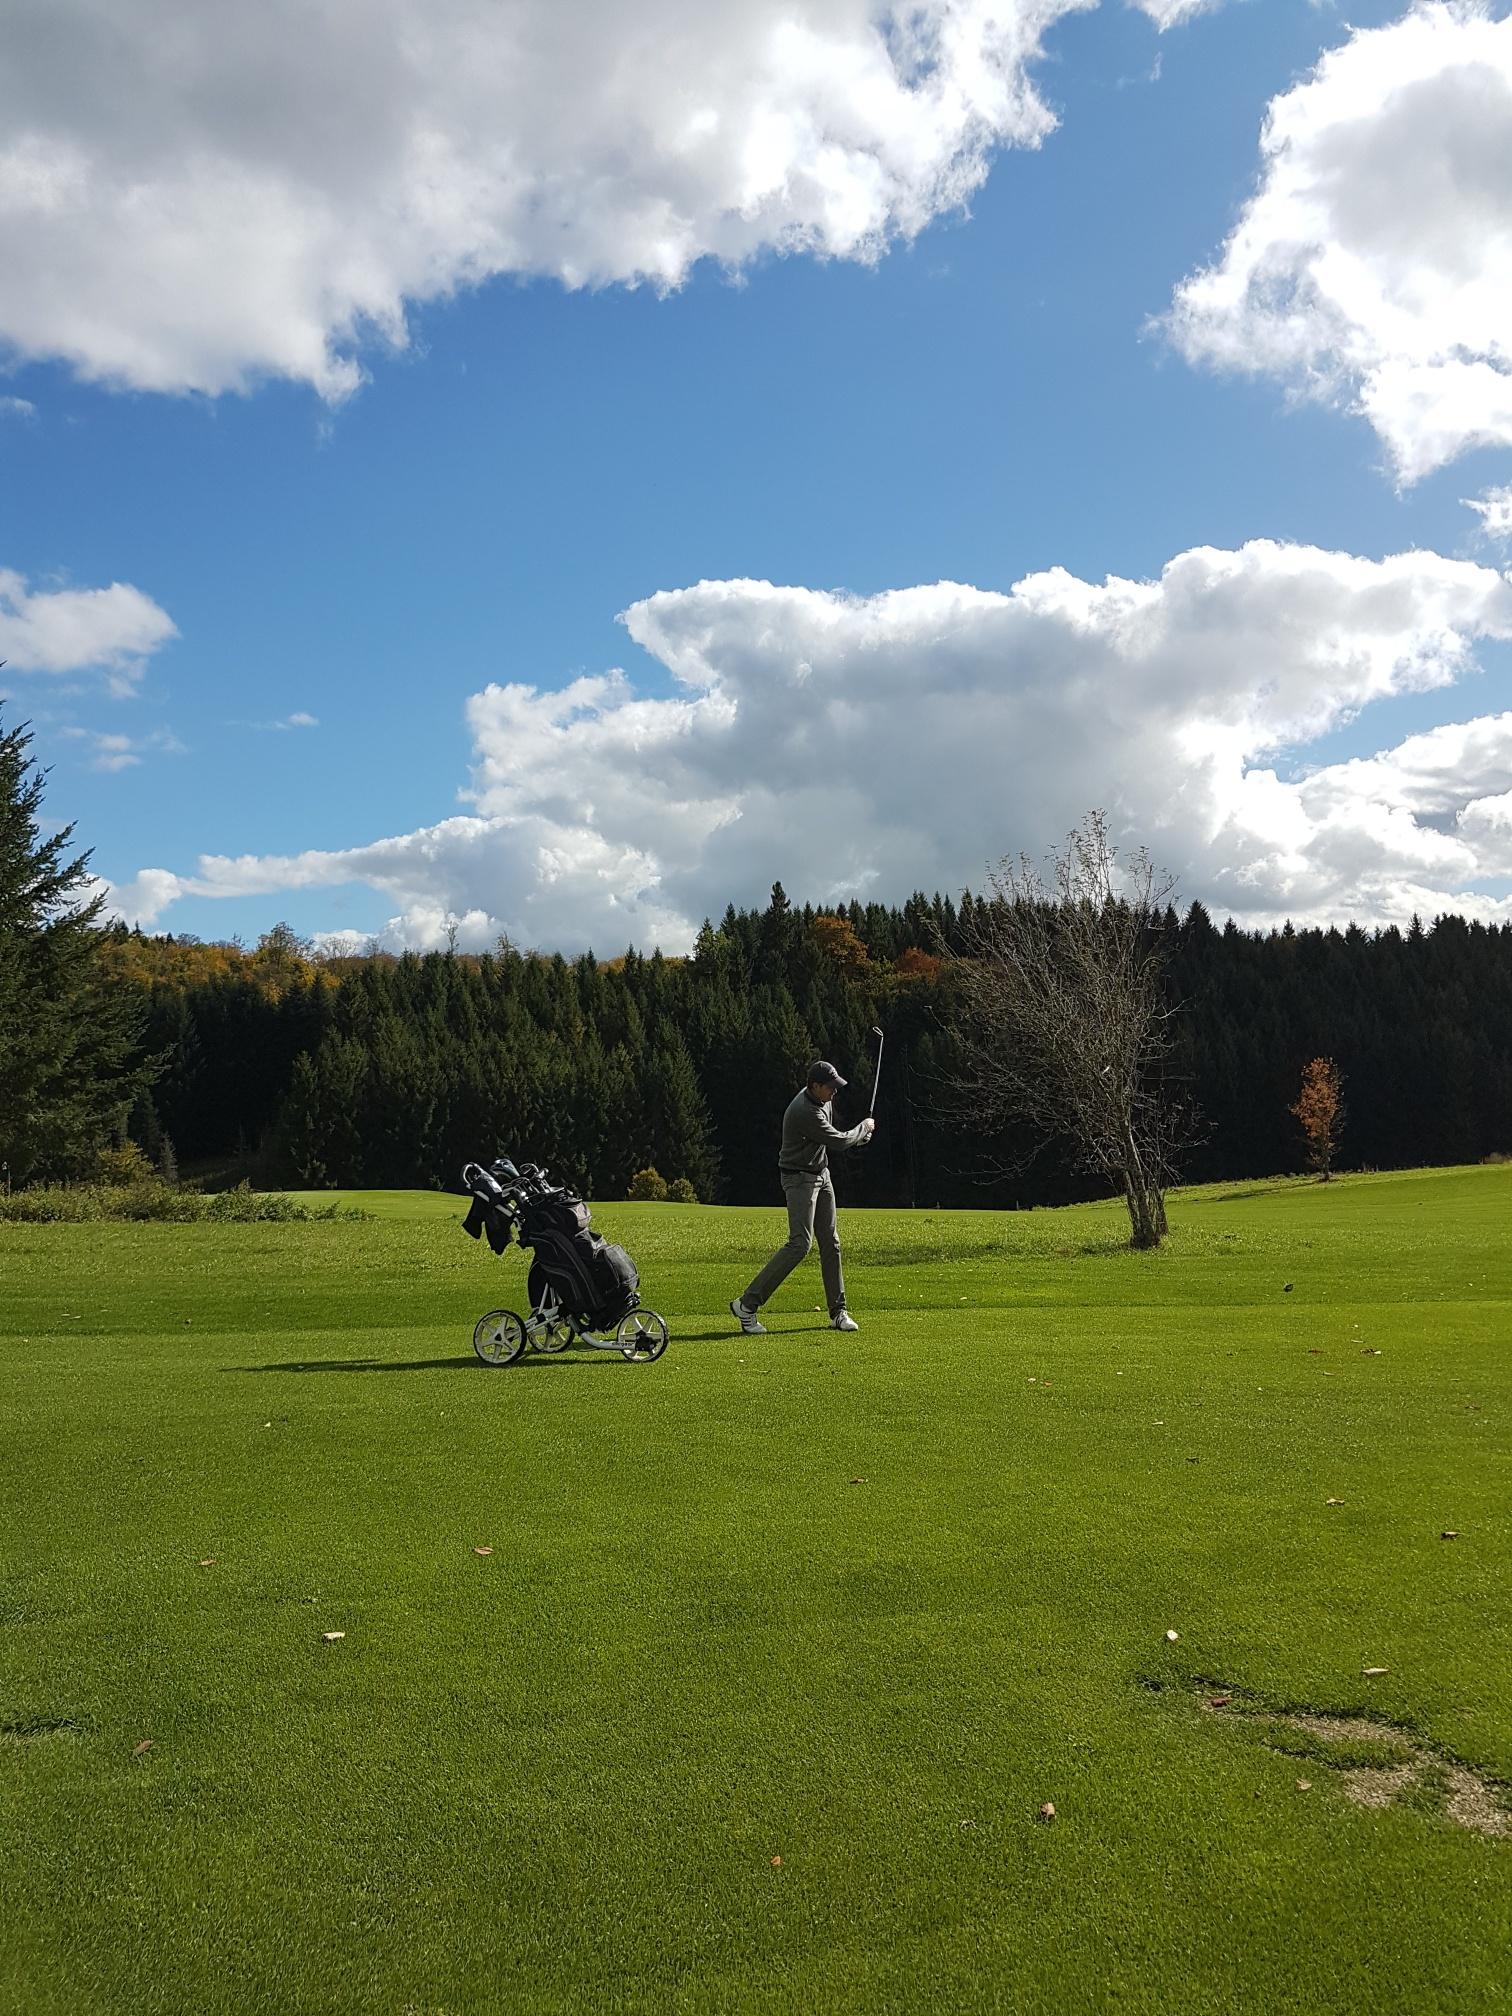 Die Wetterprognose war denkbar schlecht, doch die Sonne kämpfte sich um die Mittagszeit durch und bescherte den Teilnehmern einen rundum perfekten Golftag.